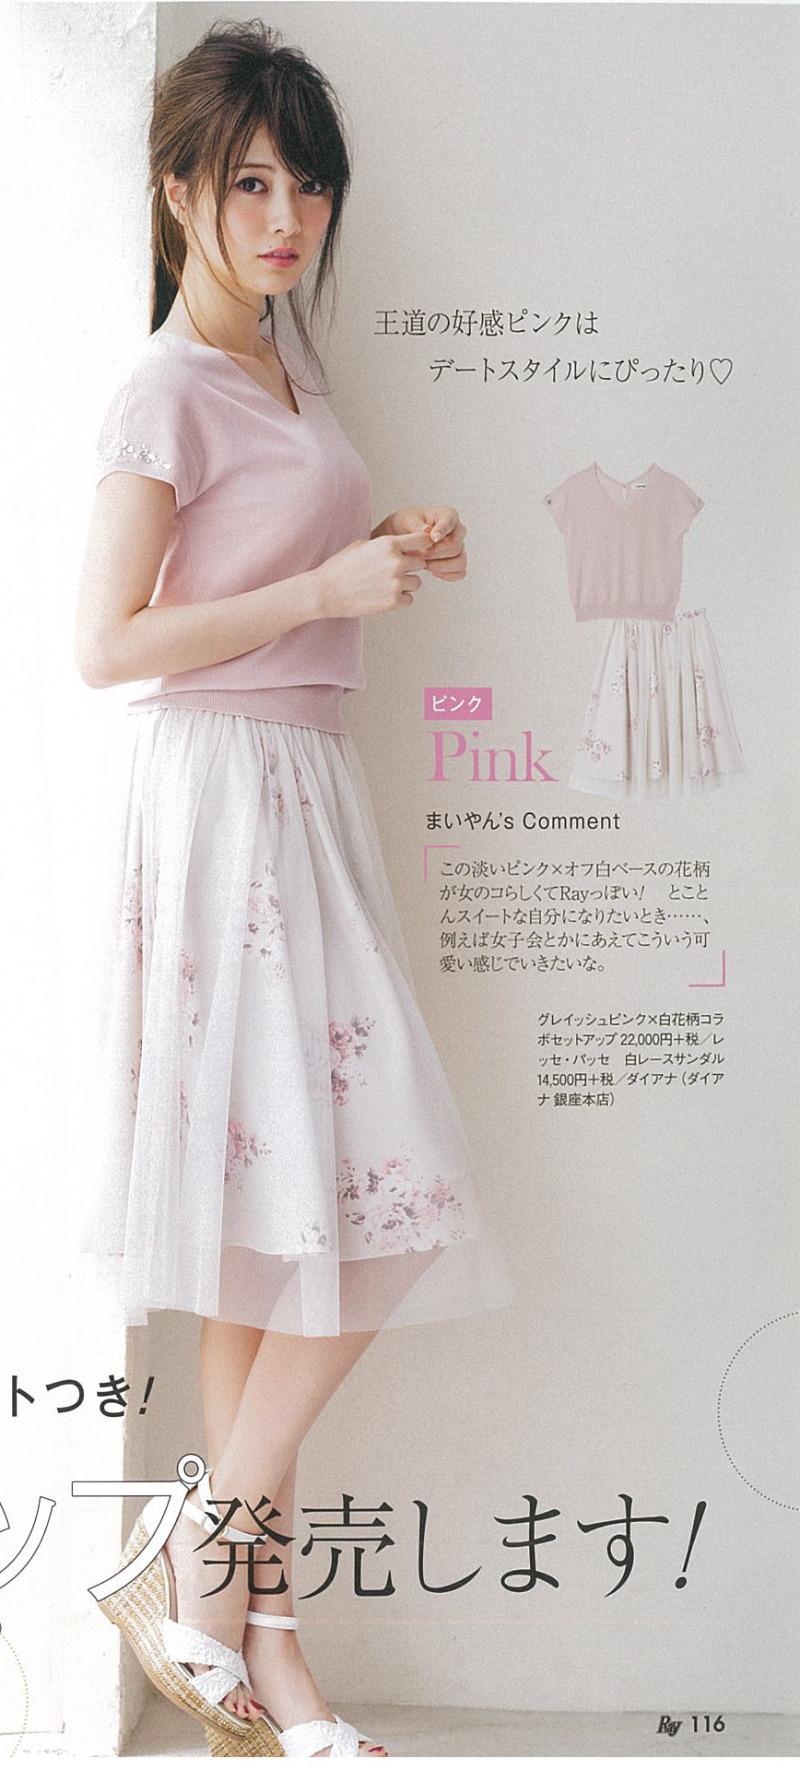 白石麻衣 PINK 花柄スカート 印刷予定